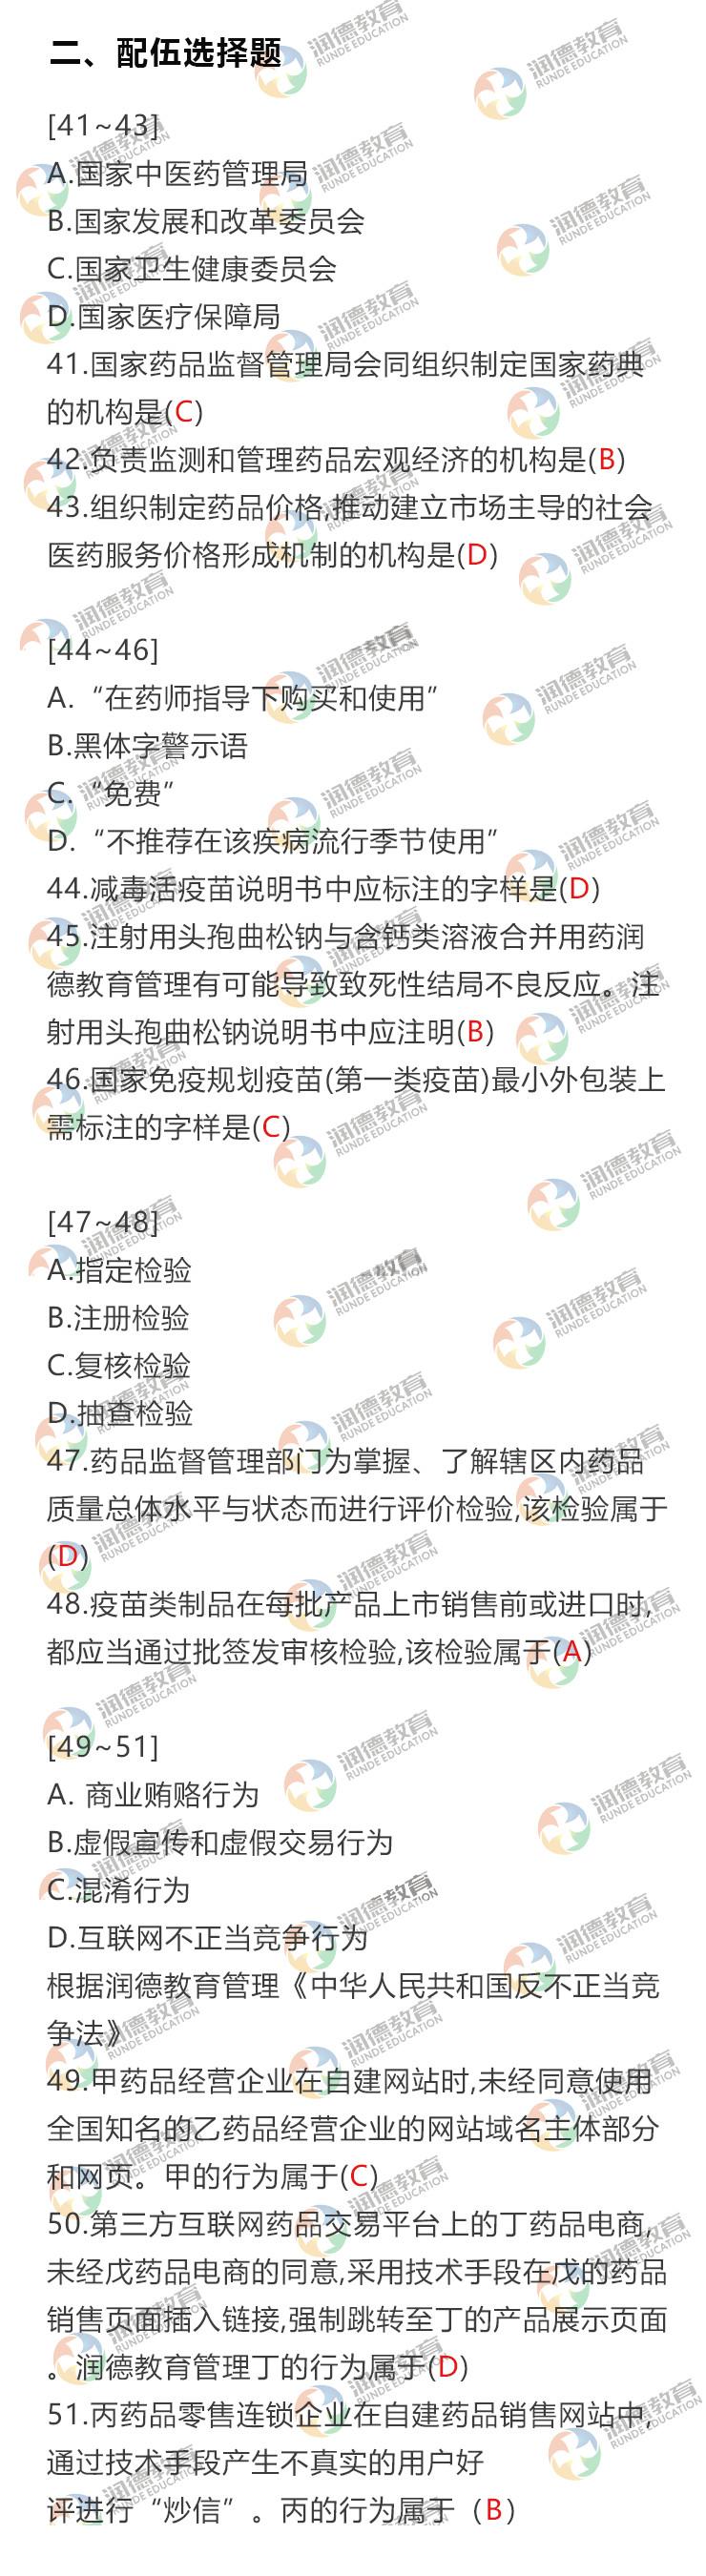 法规41-50.jpg